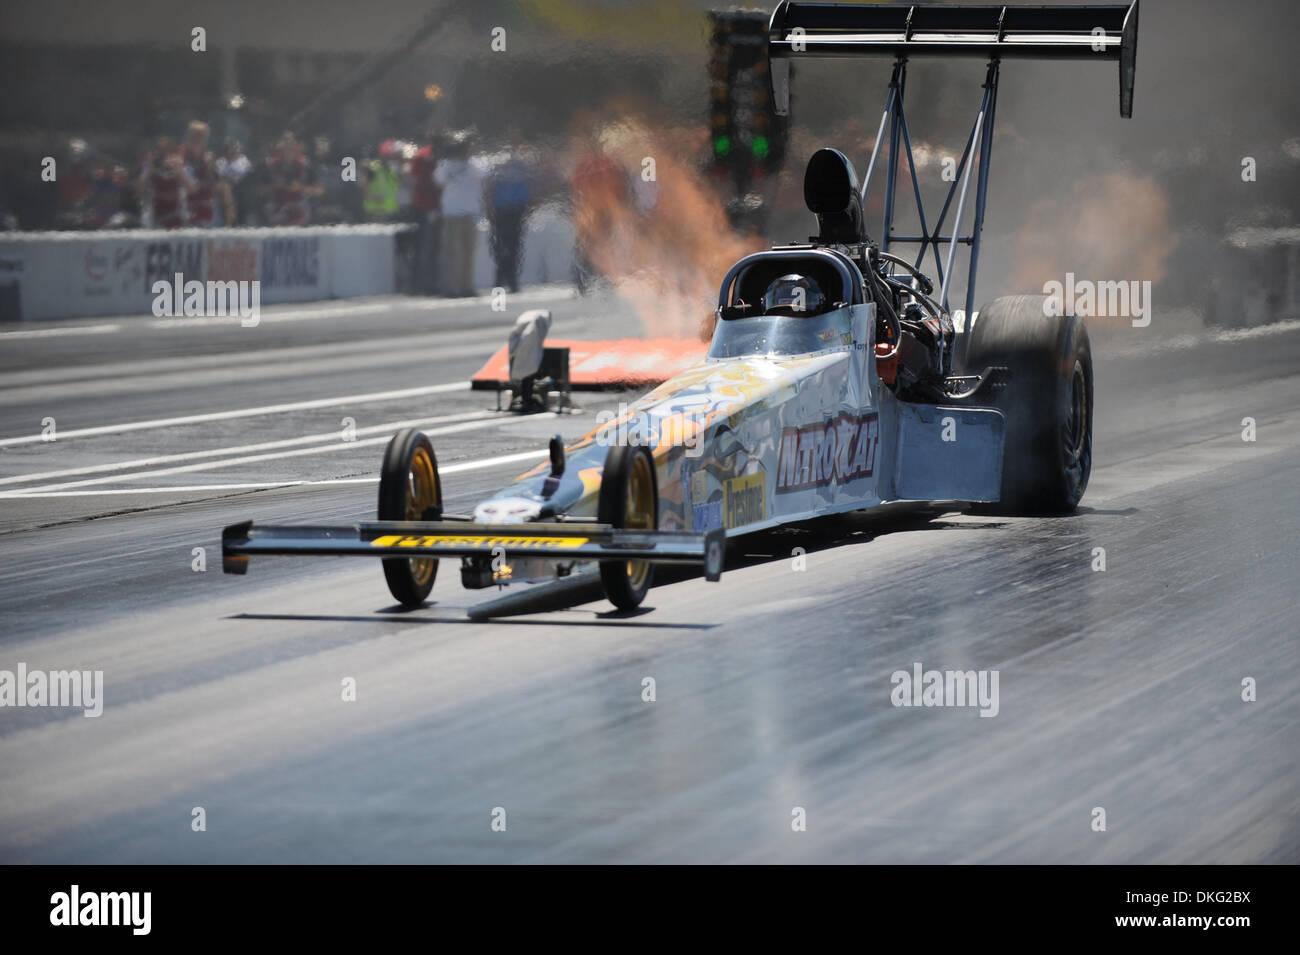 Top Fuel Drag Racing Stock Photos & Top Fuel Drag Racing Stock